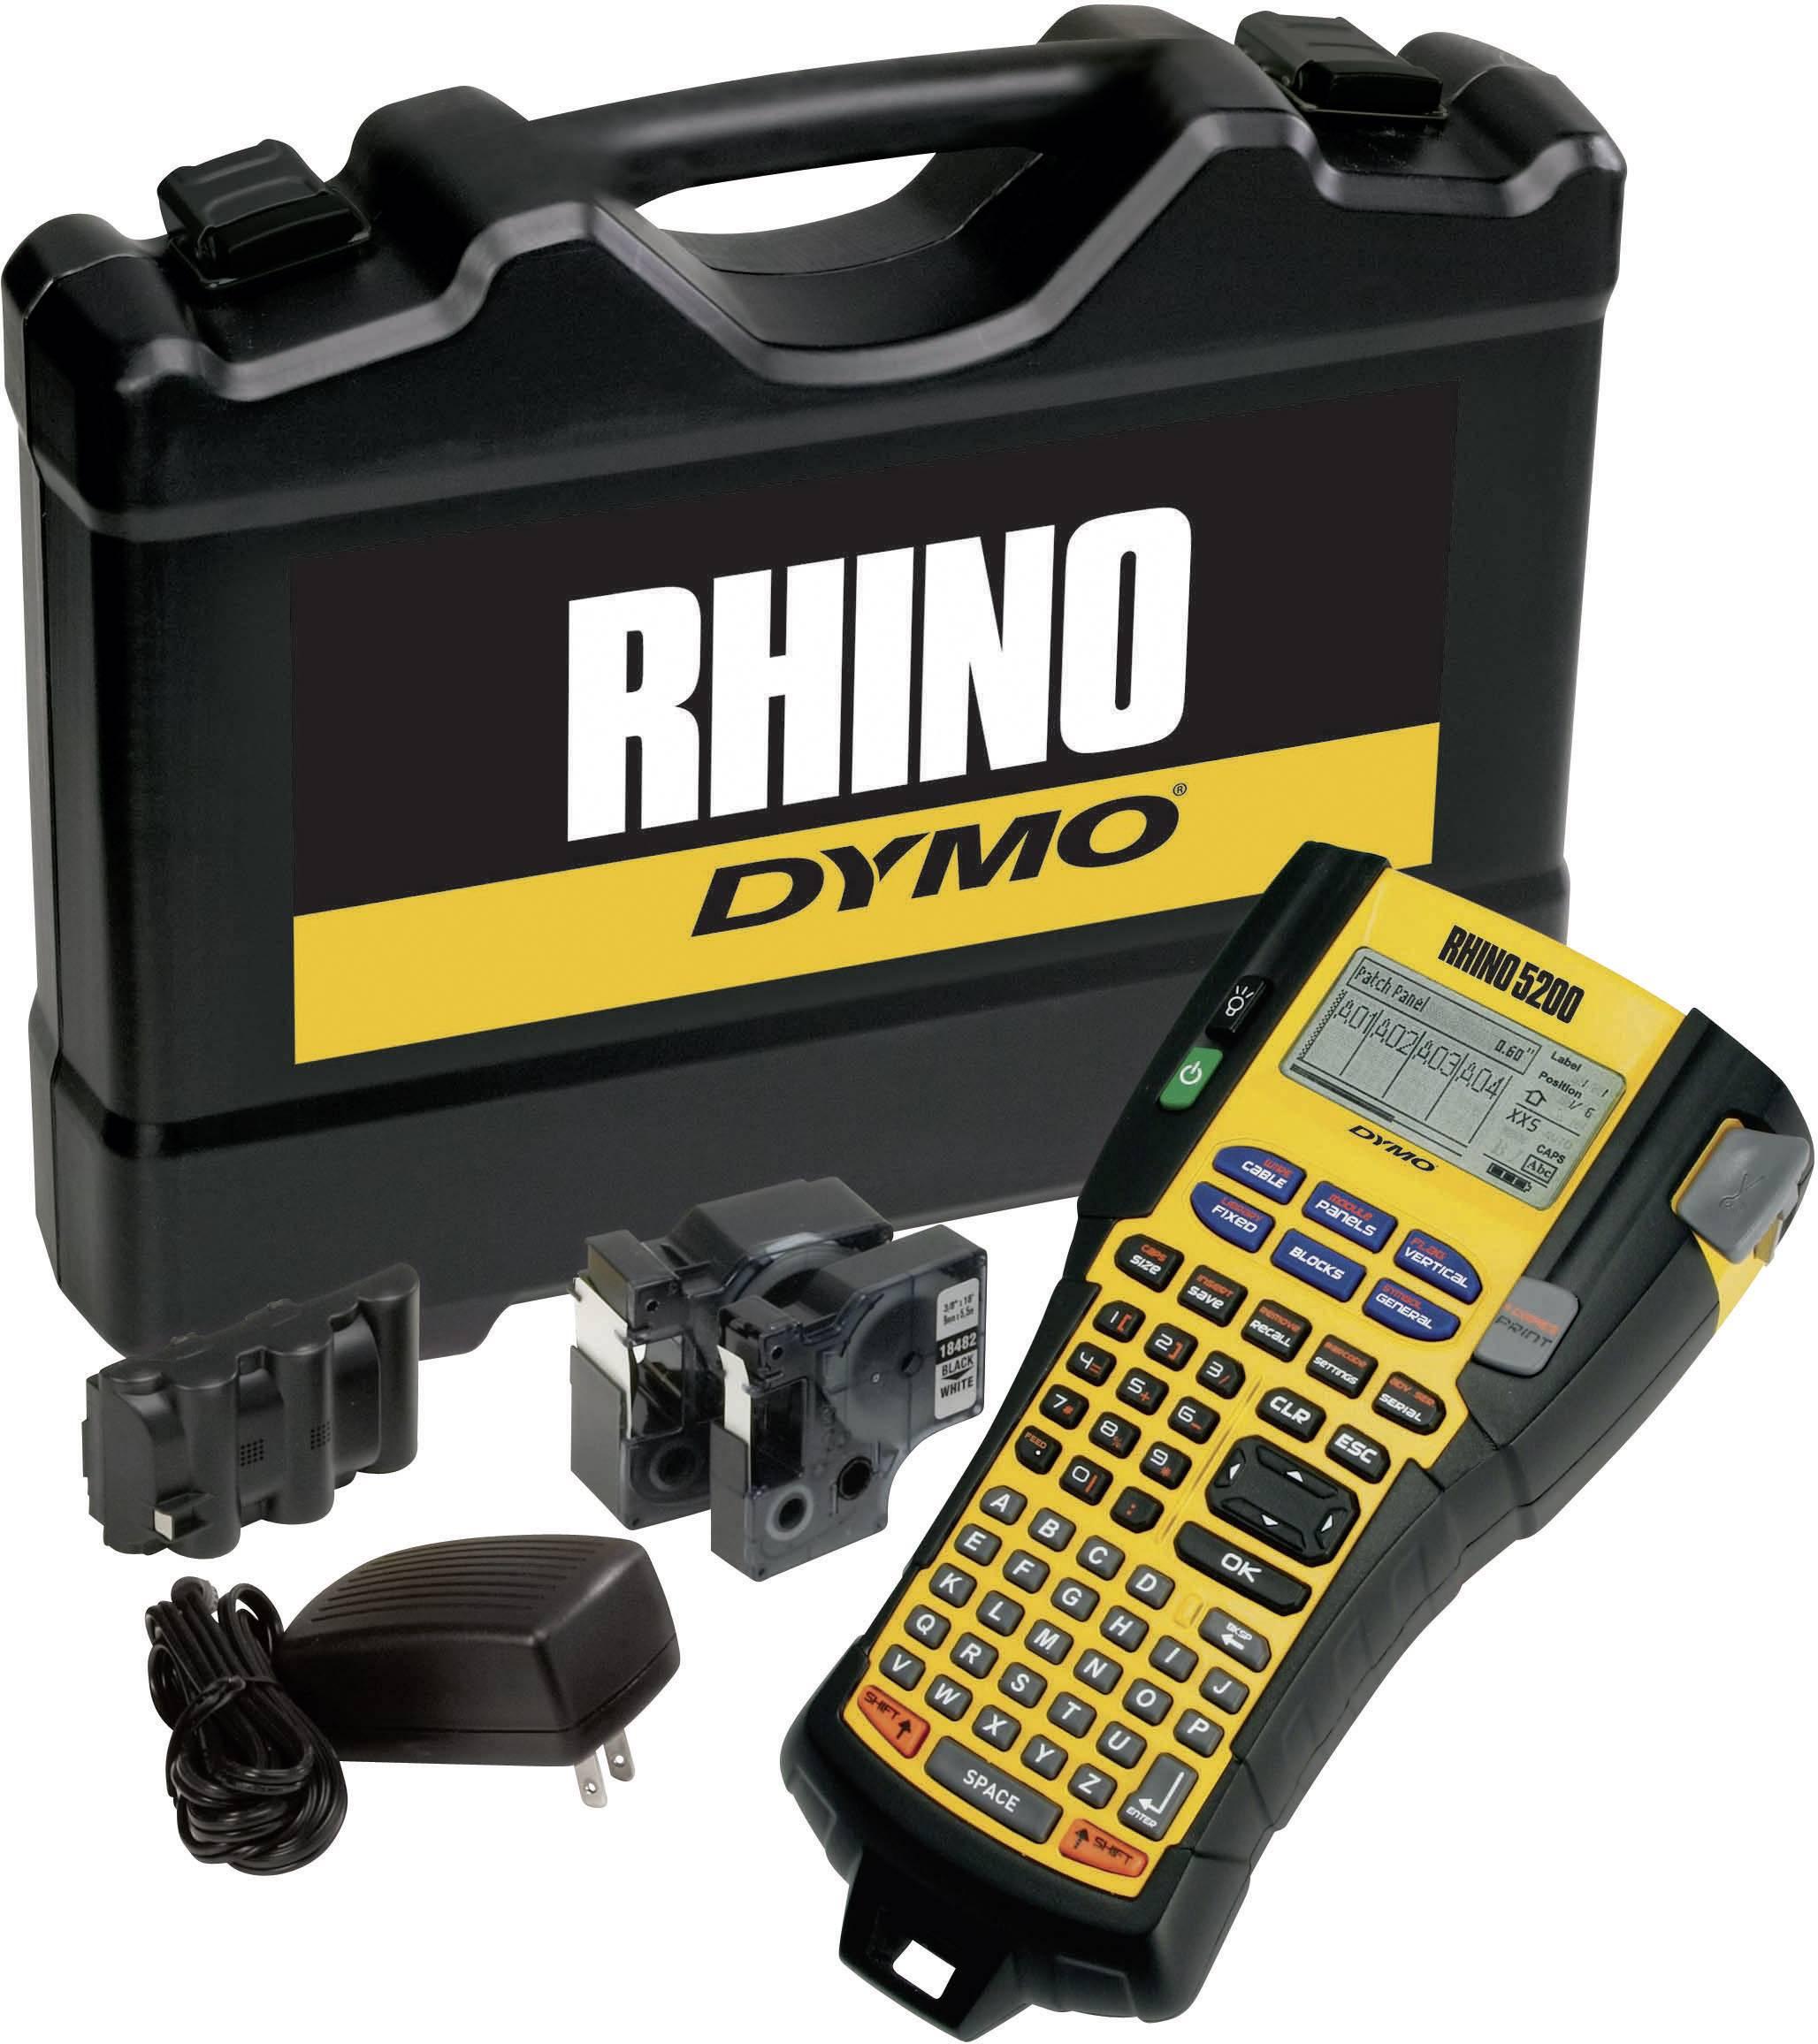 Štítkovač DYMO RHINO 5200 Kit S0841460